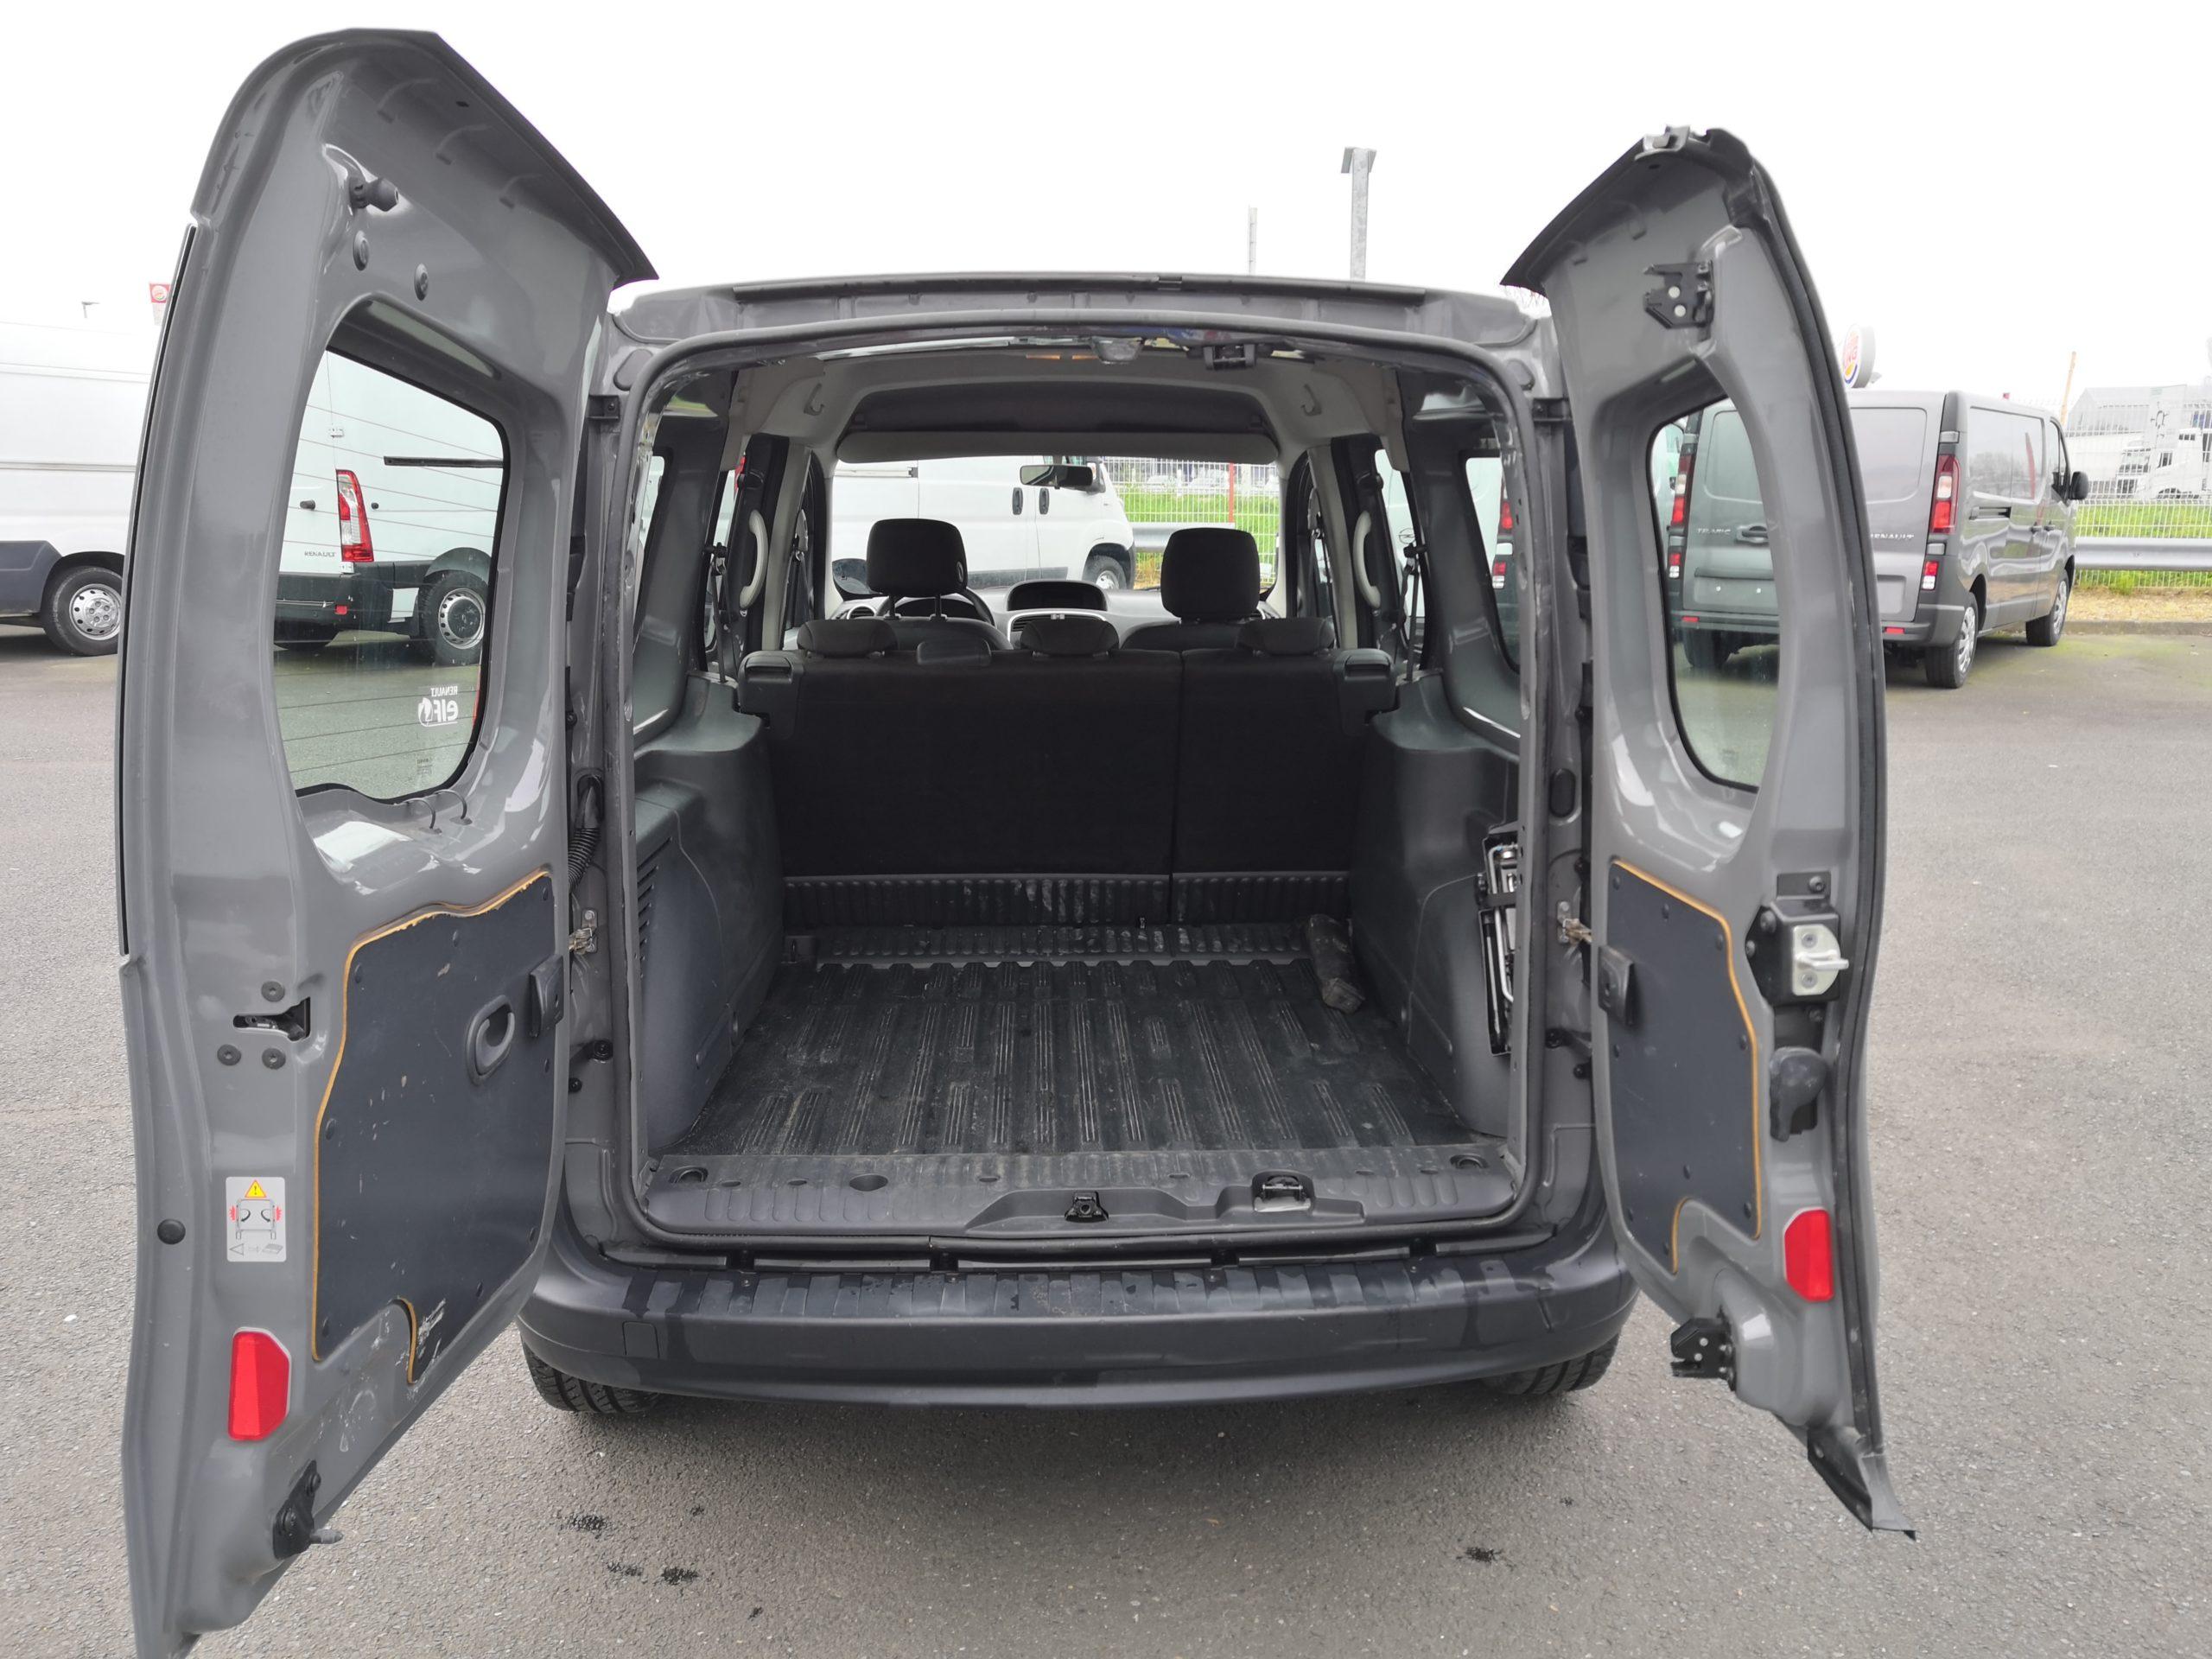 Location d'un utilitaire fourgonnette double cabine - Renault Kangoo -Vue5